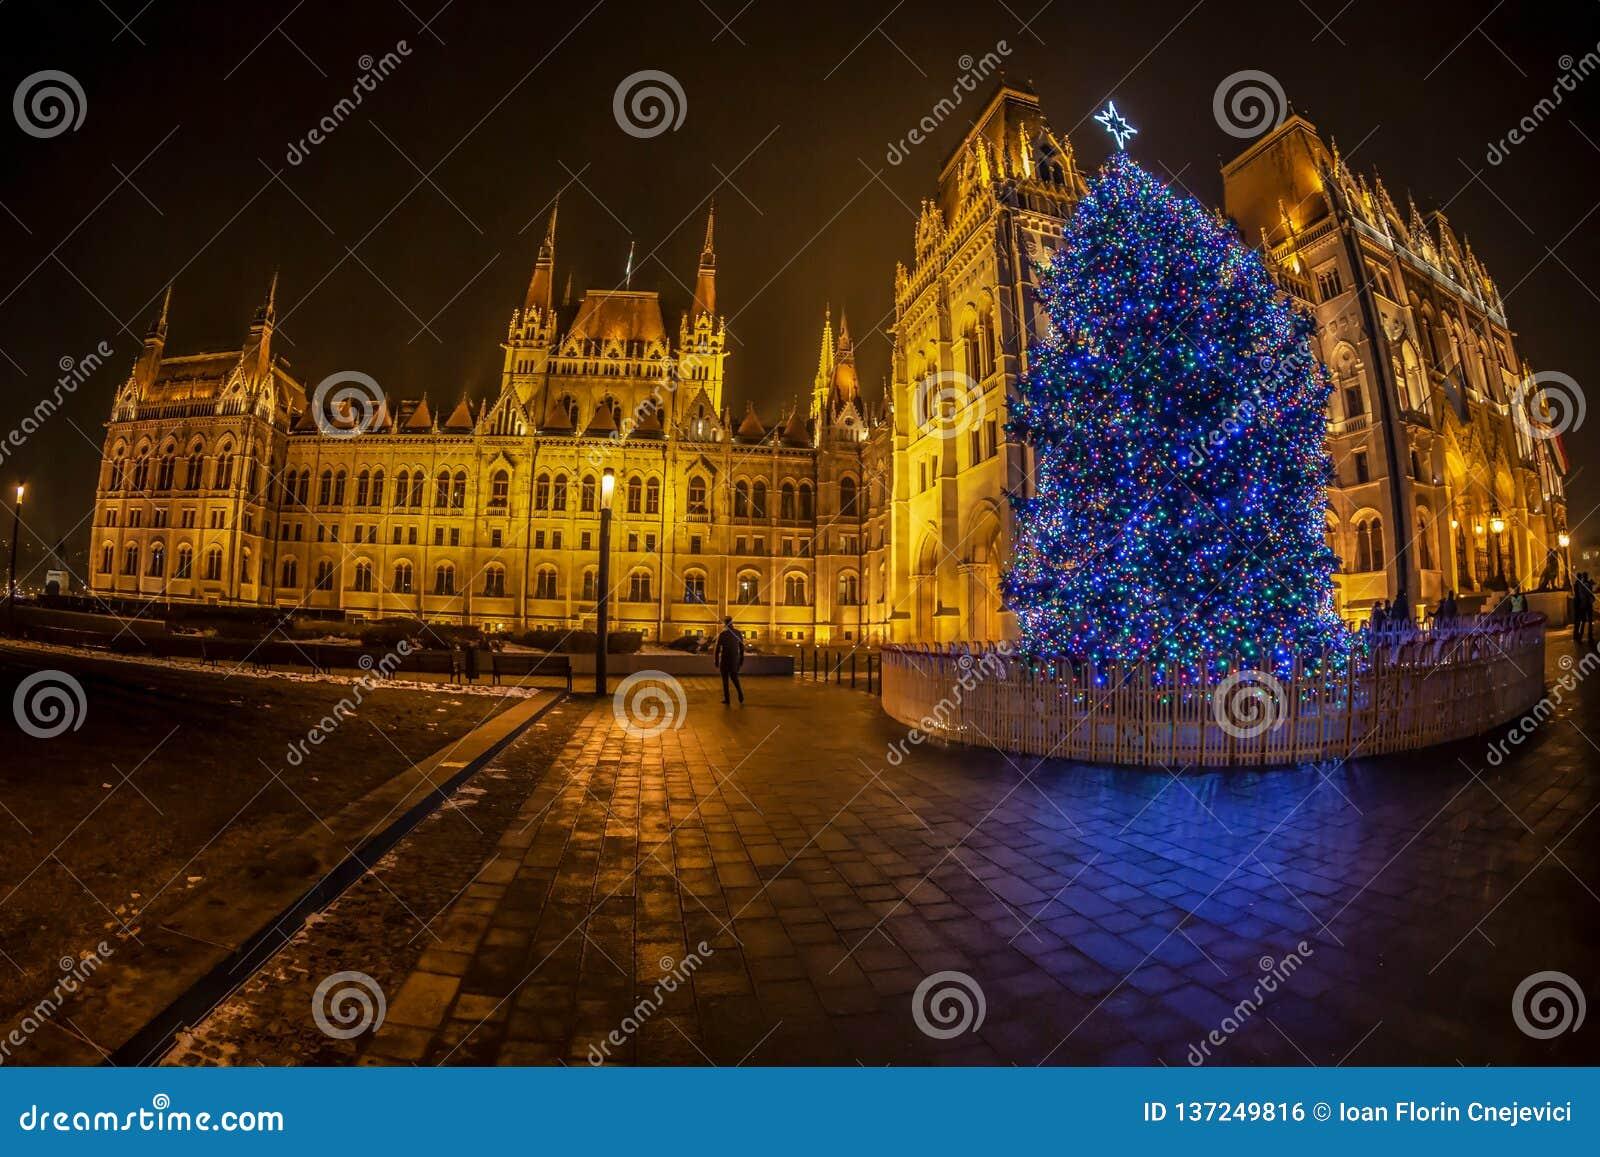 Άποψη νύχτας του ουγγρικού κτηρίου του Κοινοβουλίου, στο χρόνο Χριστουγέννων Βουδαπέστη, Ουγγαρία